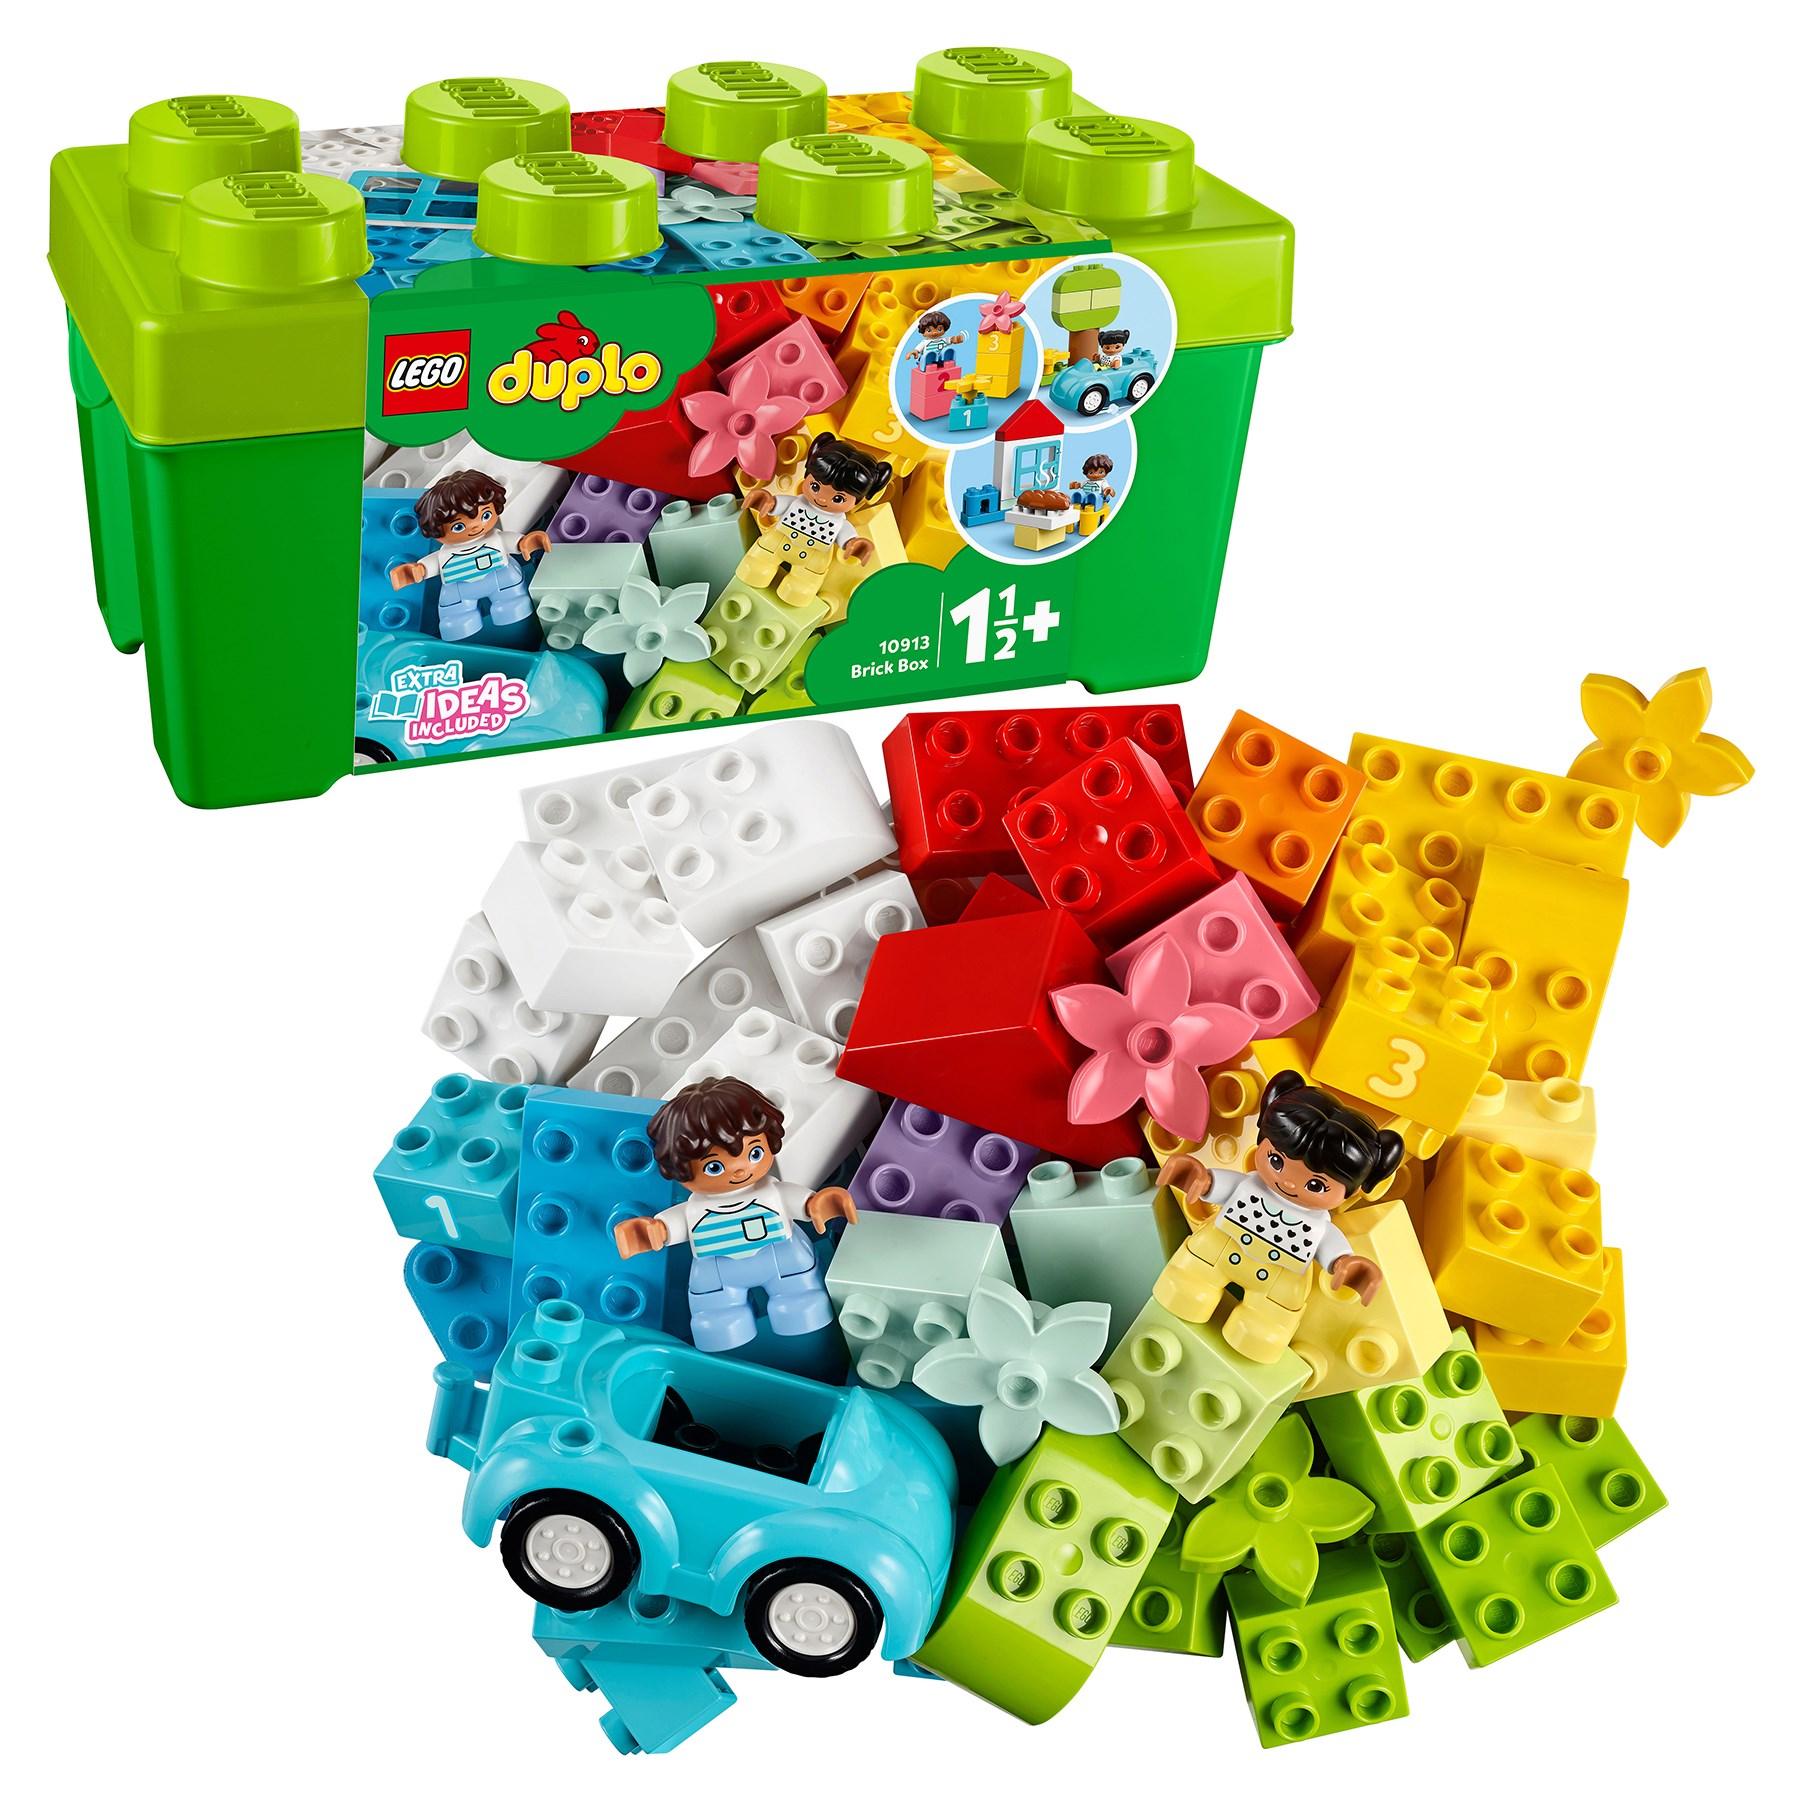 Designer Lego Duplo Classic 10913 Box With Cubes